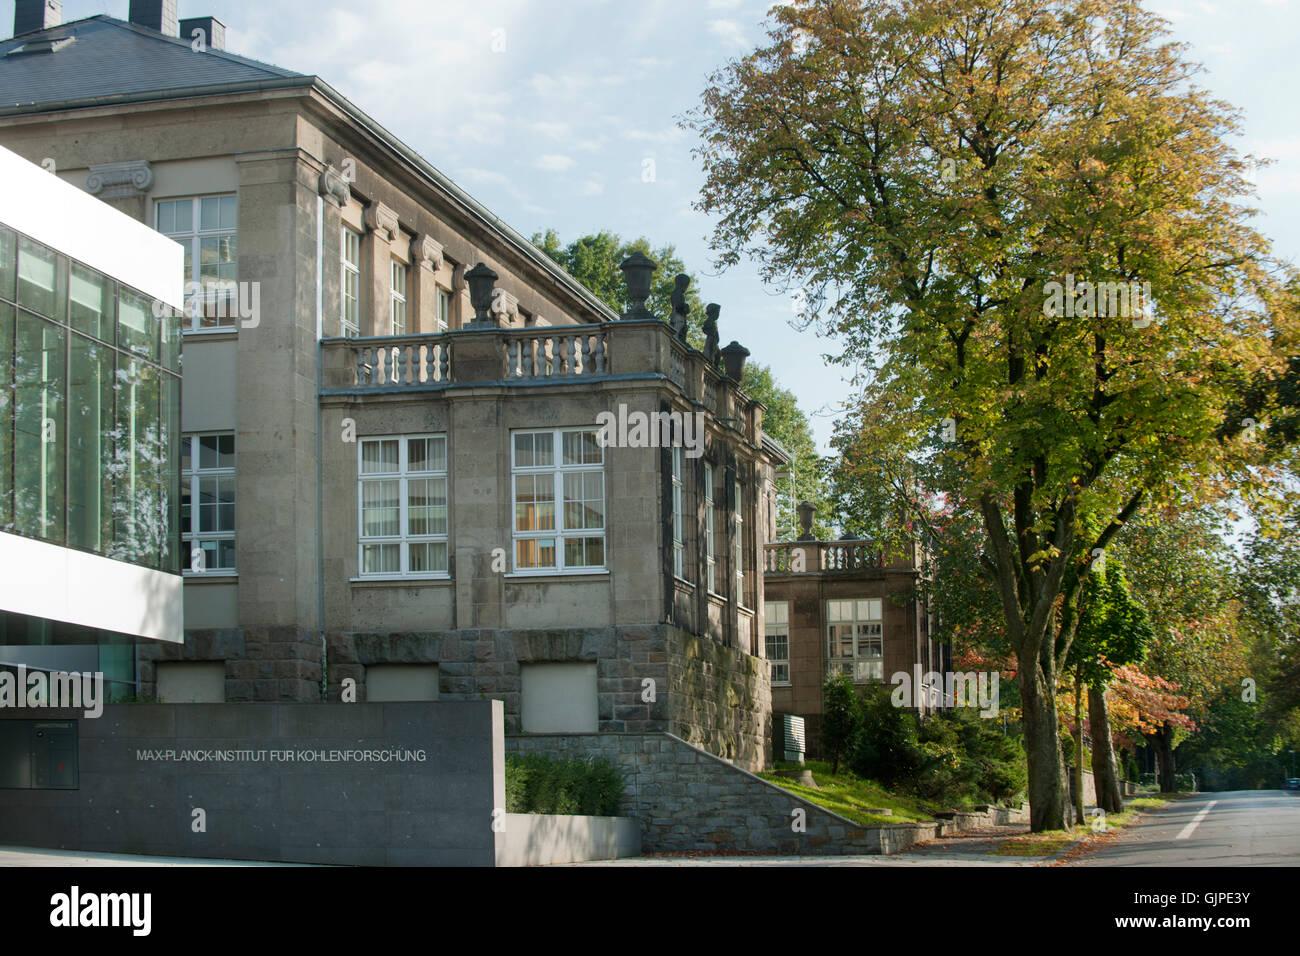 Deutschland, Nordrhein-Westfalen, Mühlheim an der Ruhr, Max-Plank-Institut - Stock Image